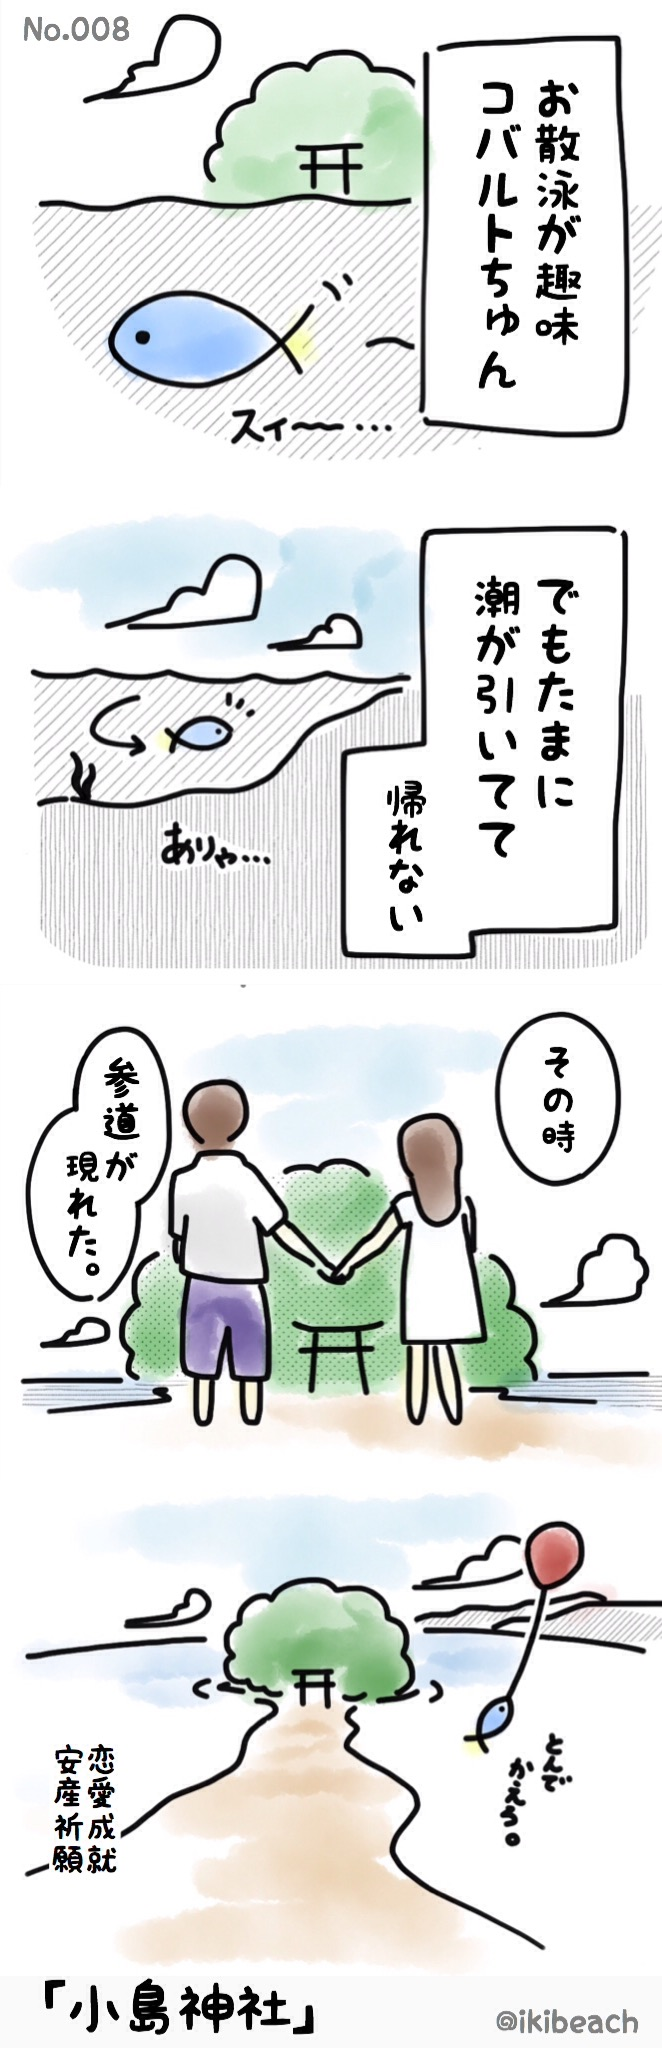 コバルト漫画「お魚だもの。」No.008『小島神社』